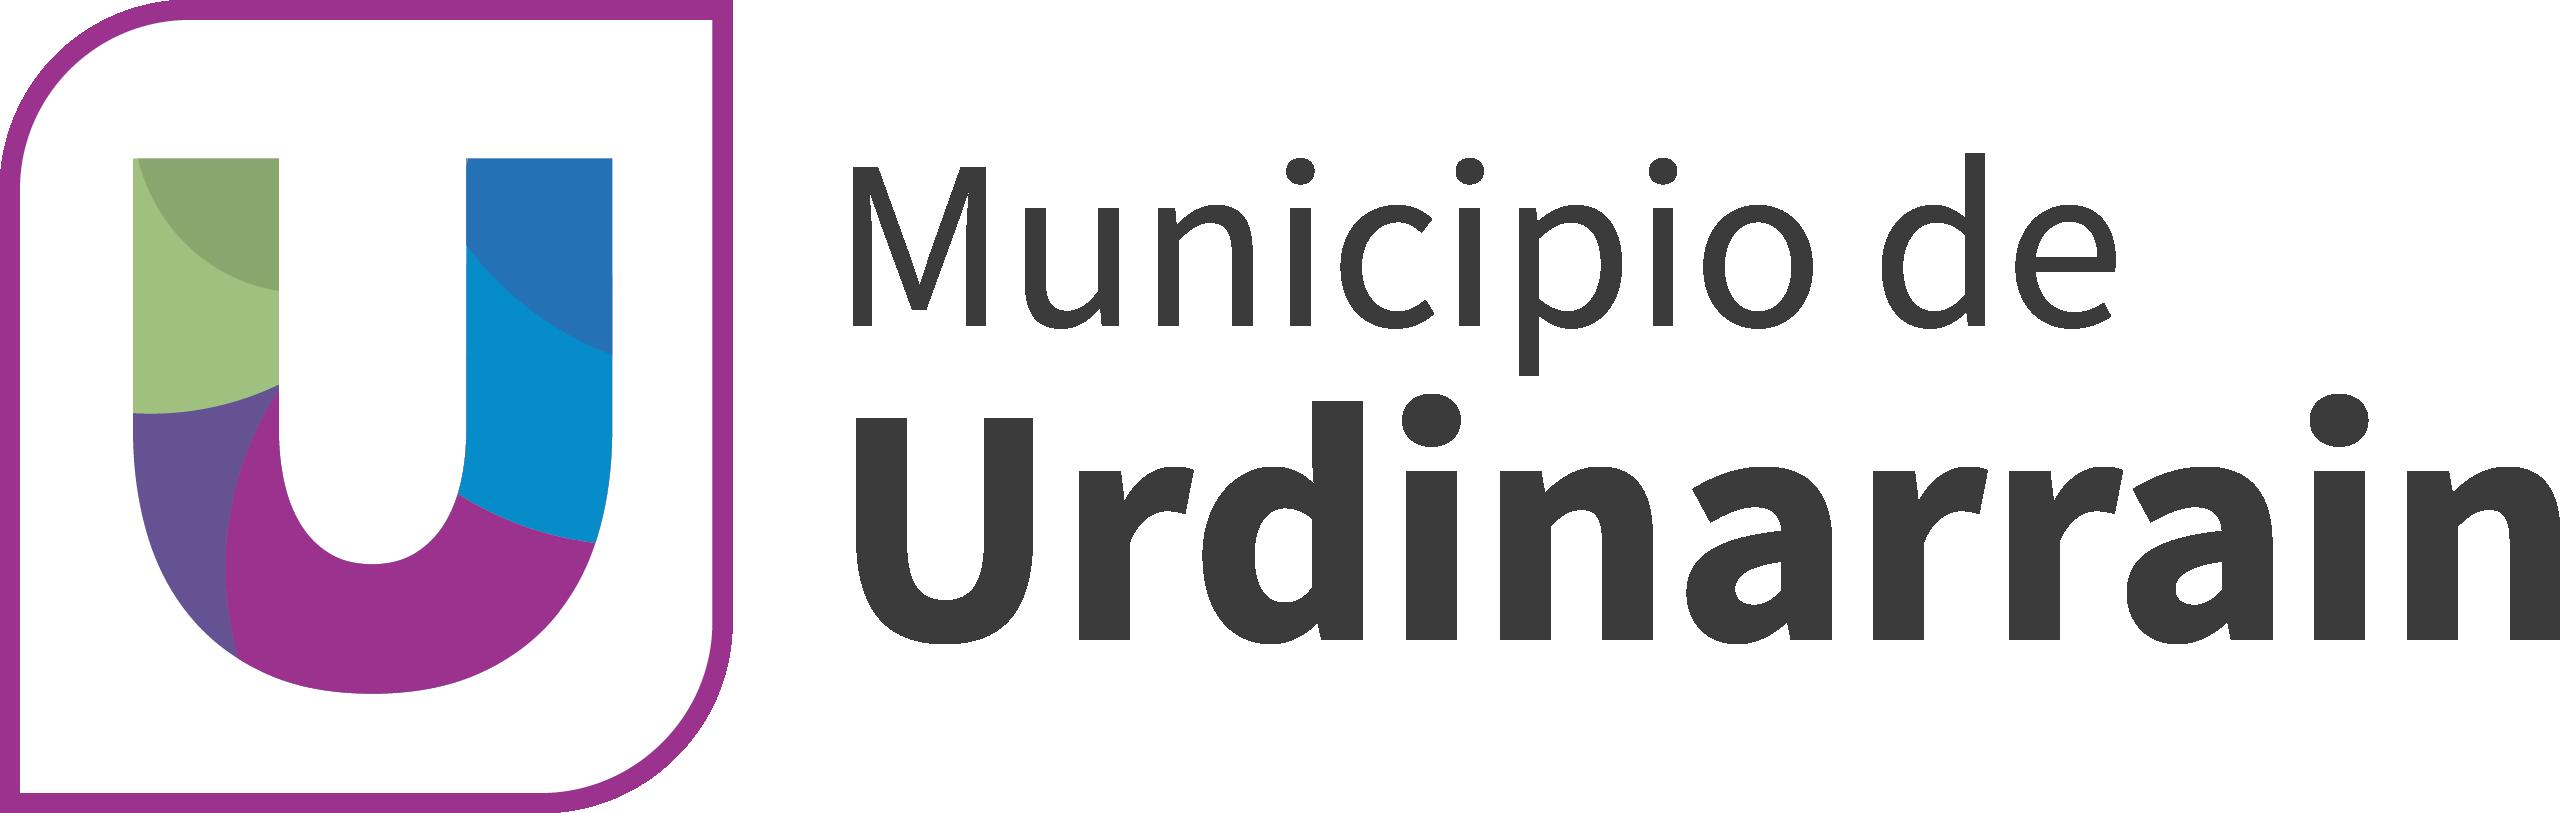 Municipio de Urdinarrain